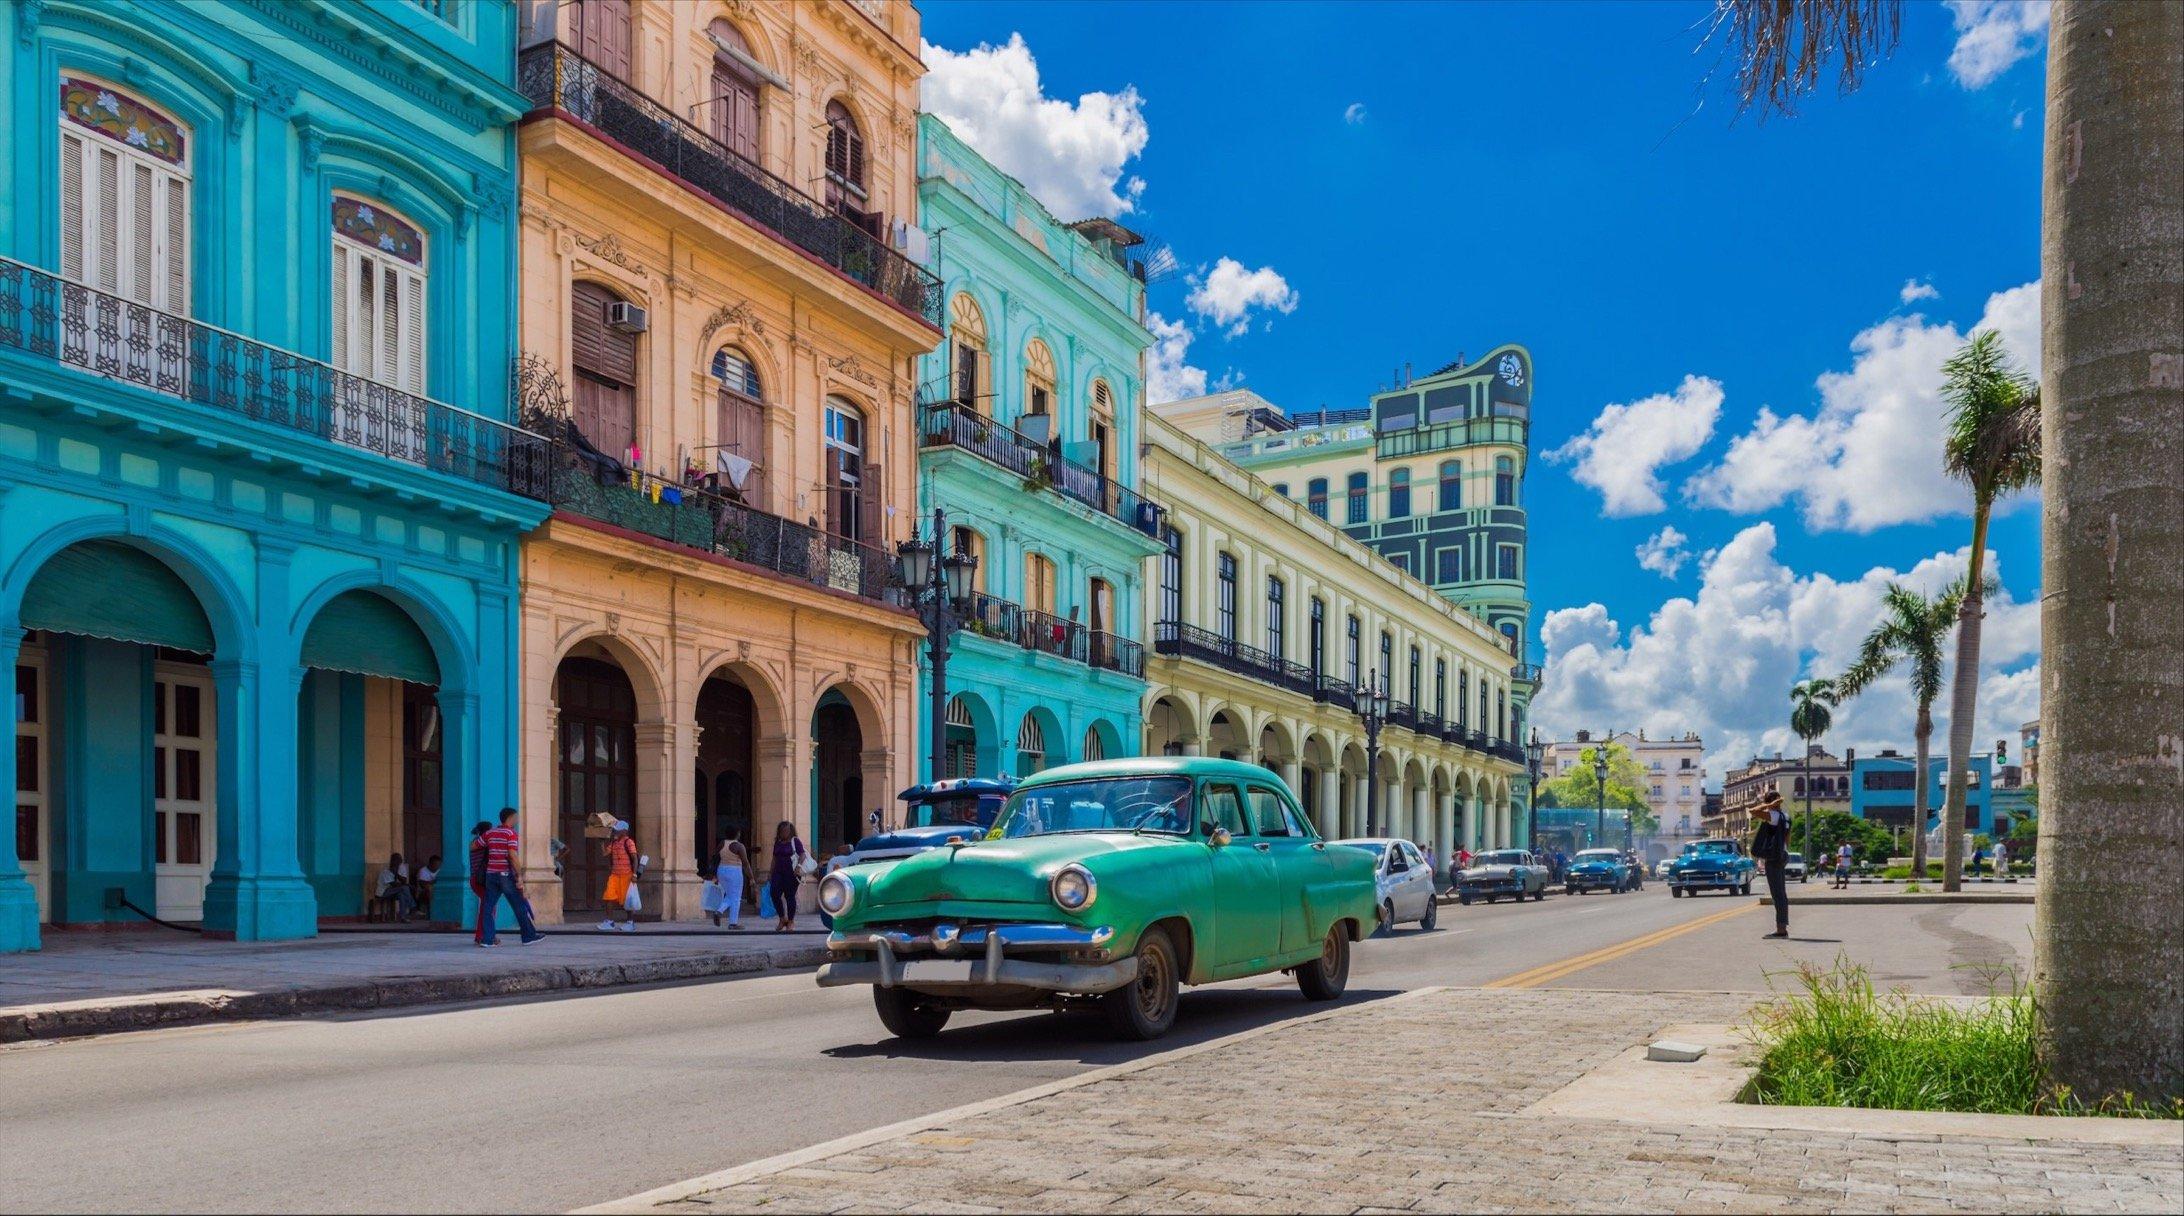 La Habana Vieja en Cuba con un auto de época en la calle